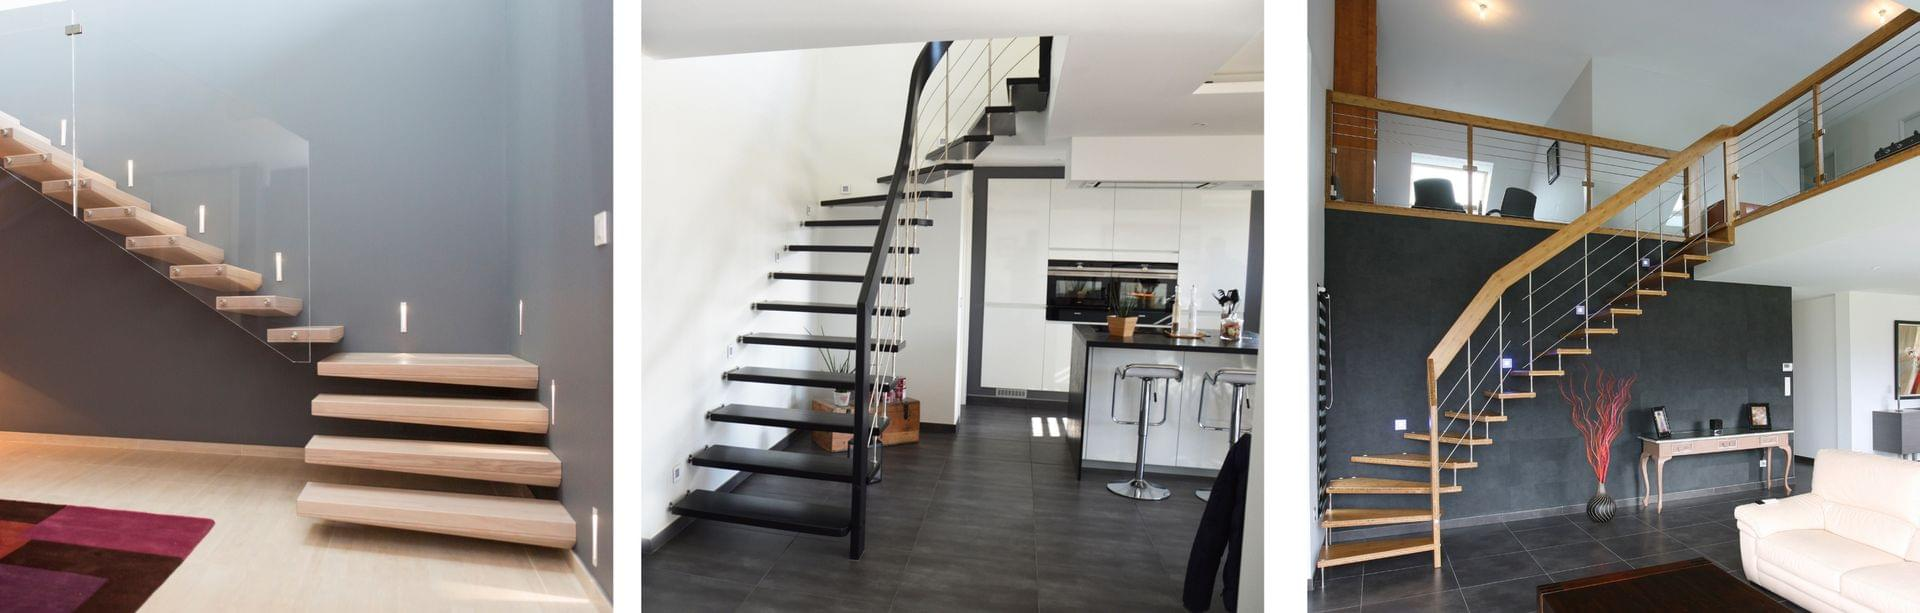 Escaliers bois et Escaliers bois-métal de qualité ...